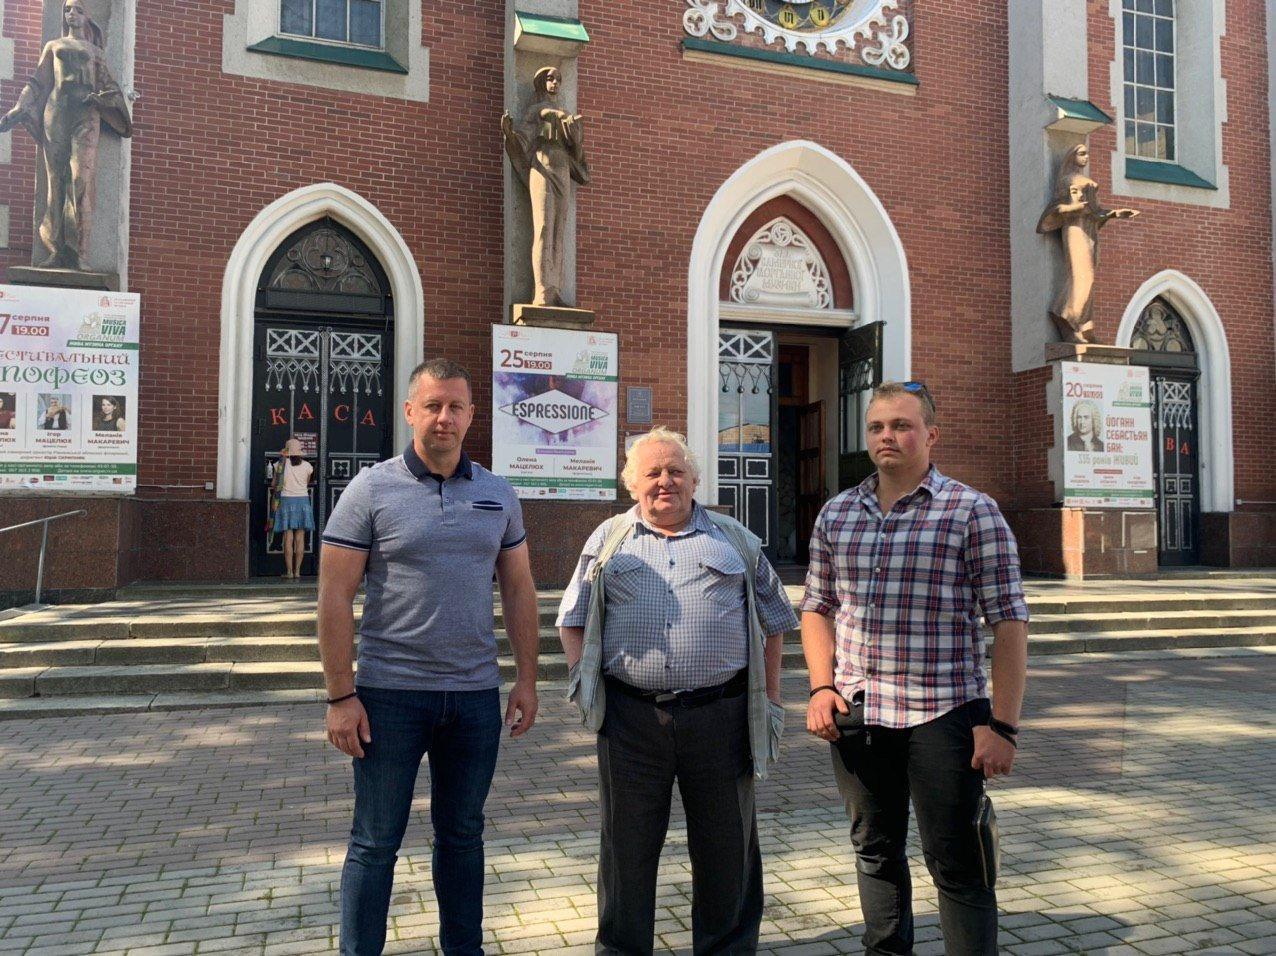 У Рівному відреставрували баштовий годинник на фасаді обласної філармонії, фото-1